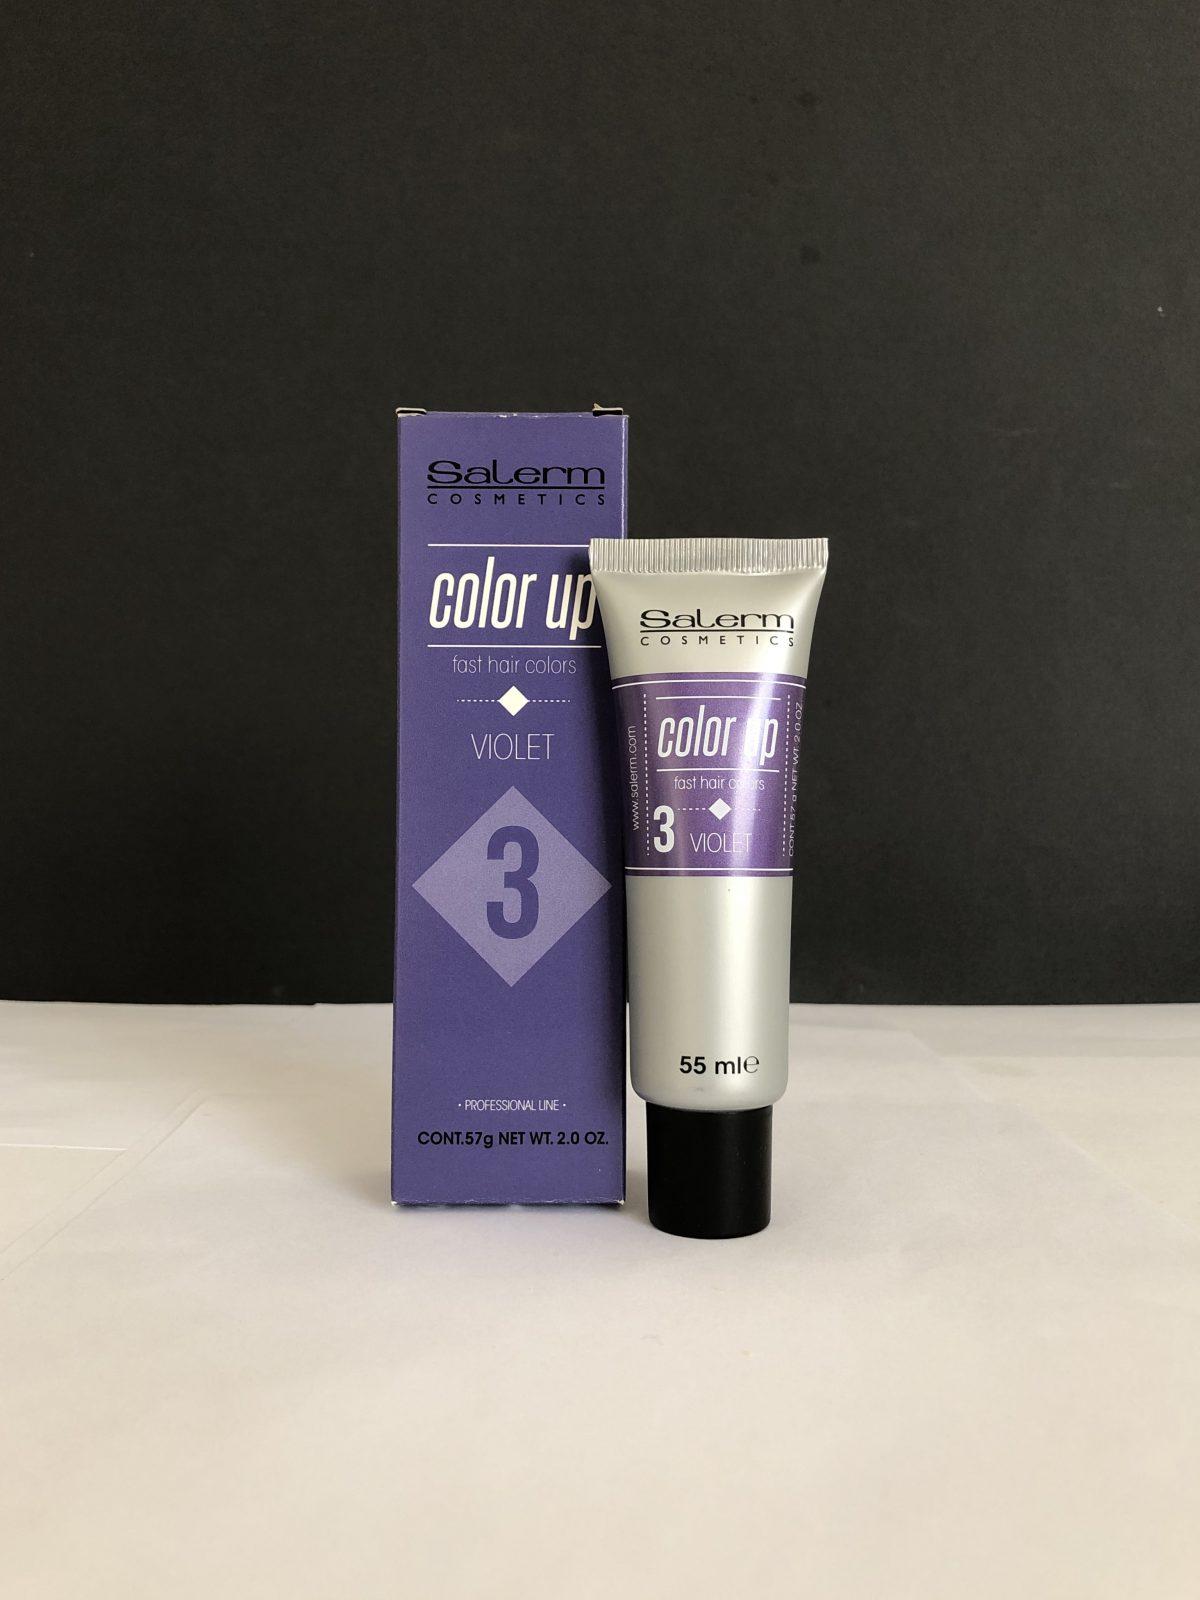 Color UP Salerm 3 Violet